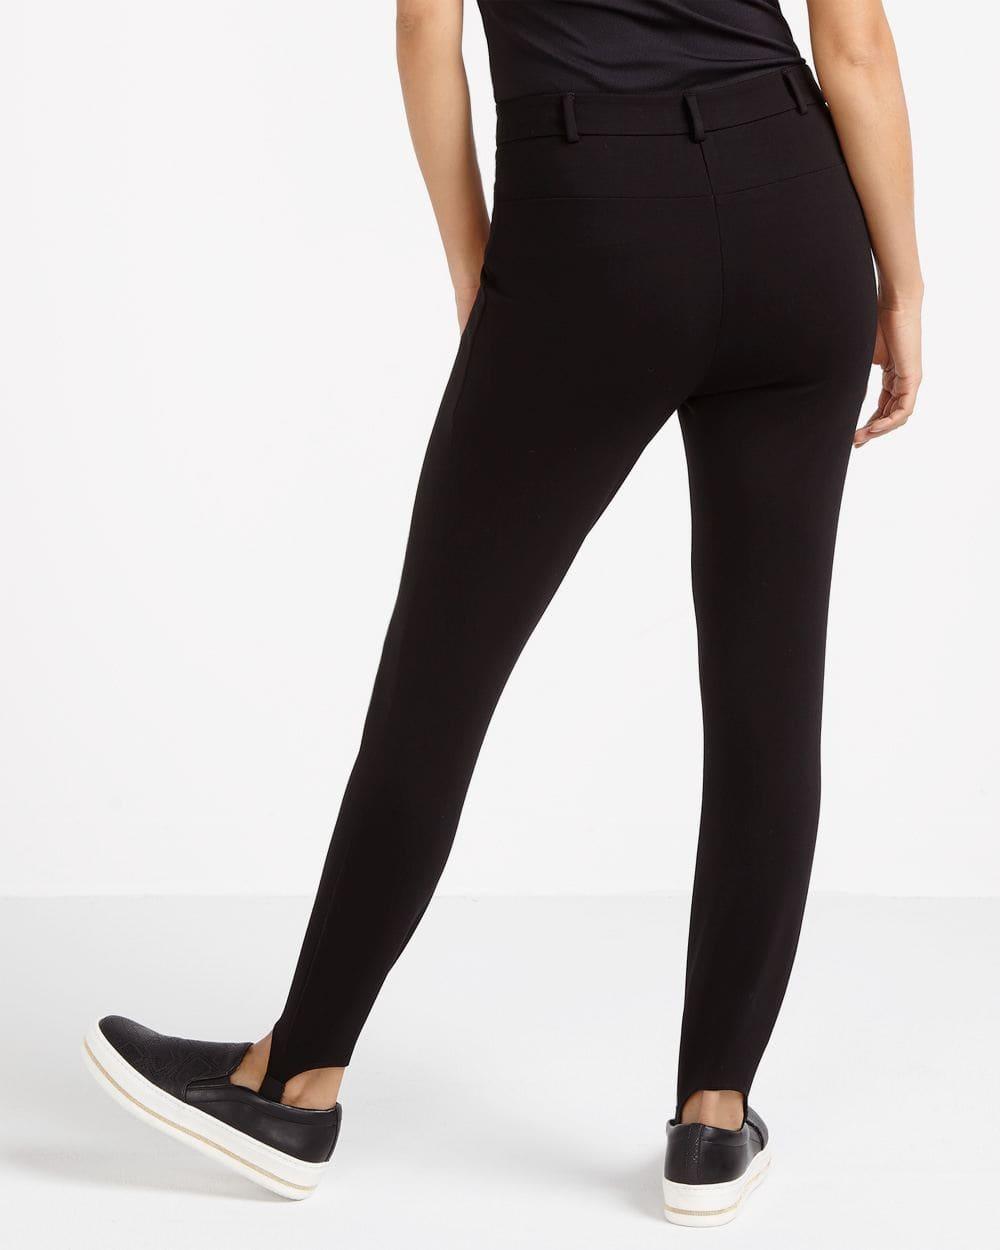 Zip Stirrup Leggings